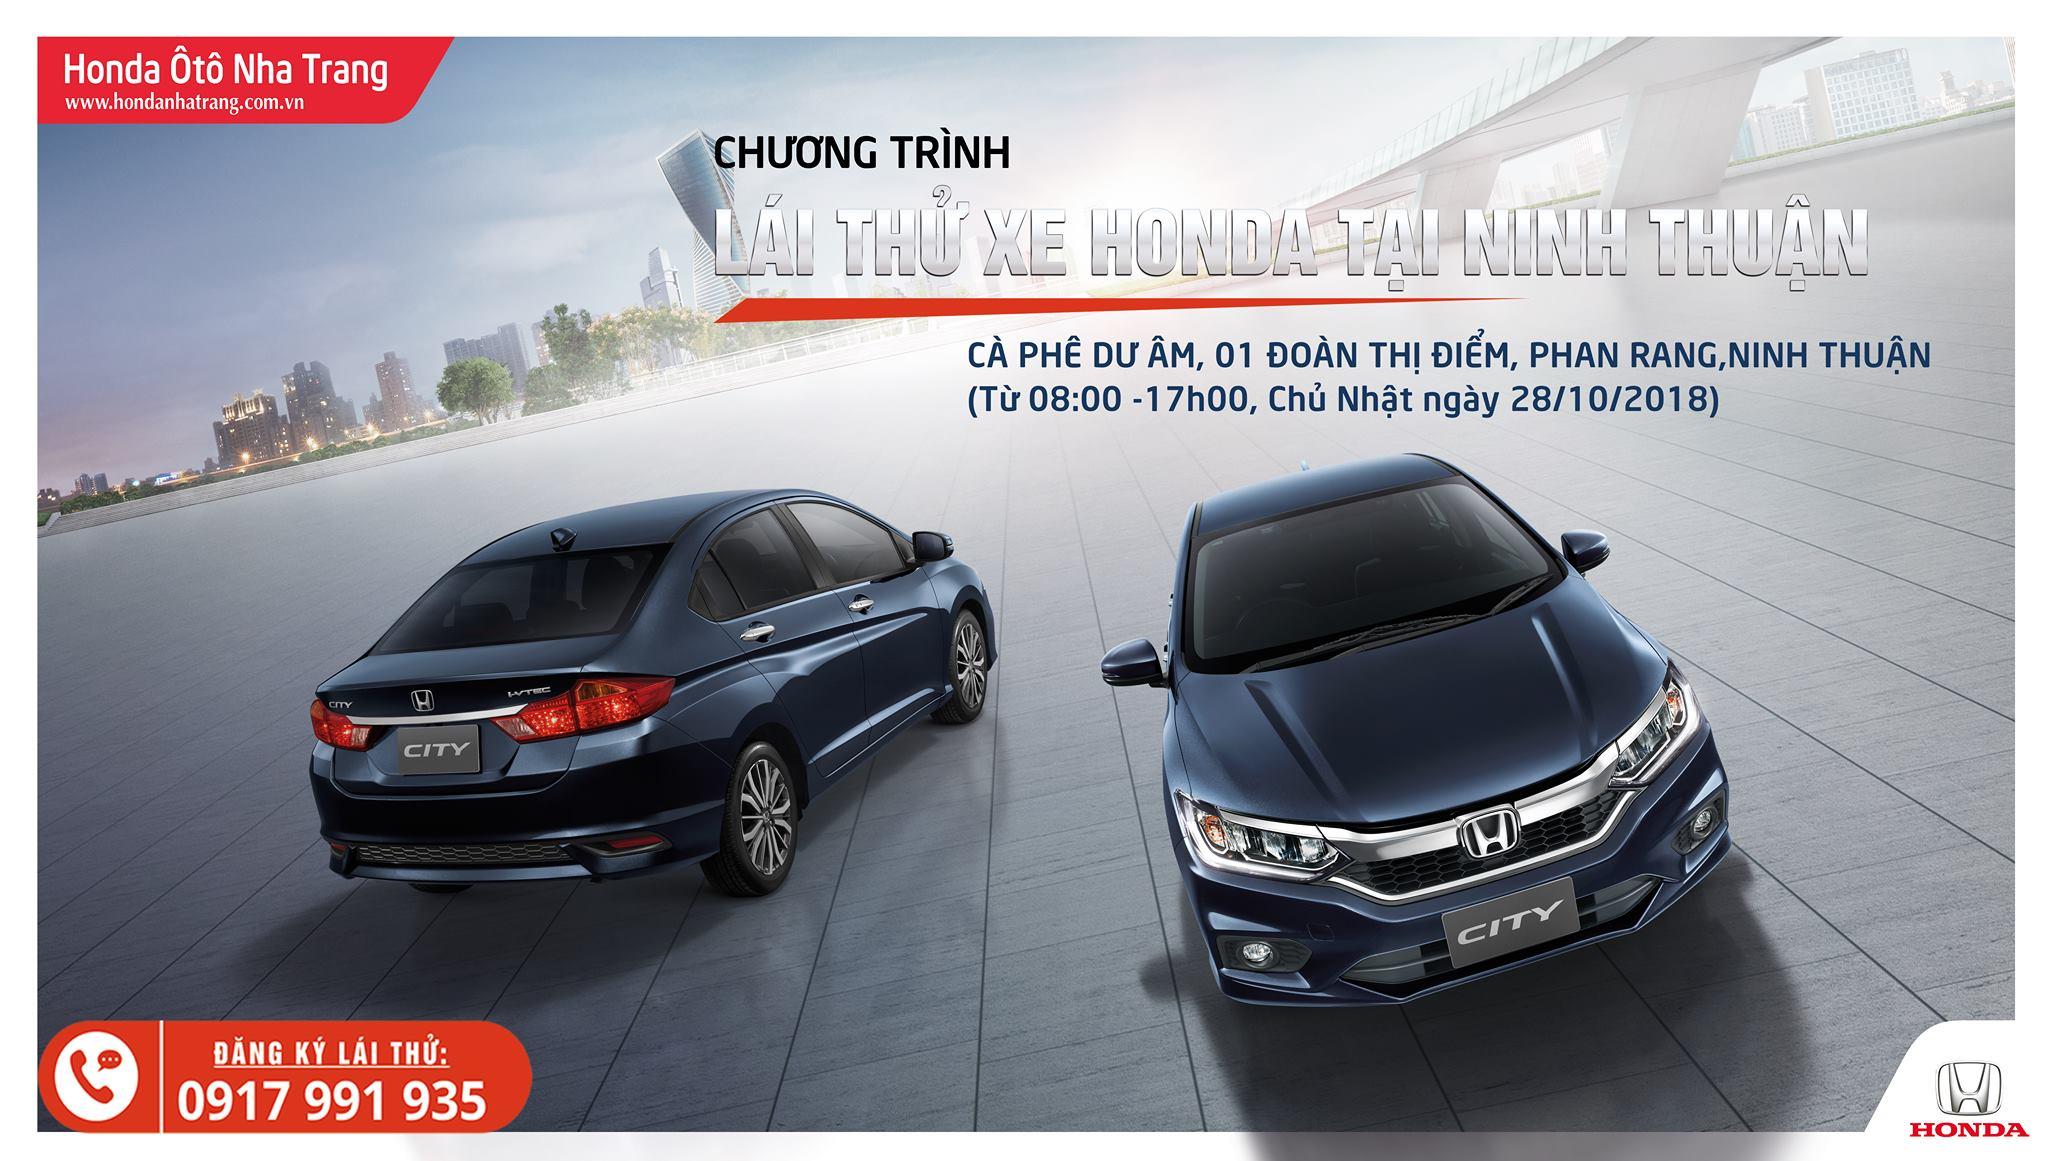 Trải nghiệm & Lái thử Honda Ôtô của Honda Ôtô Nha Trang tại Ninh Thuận